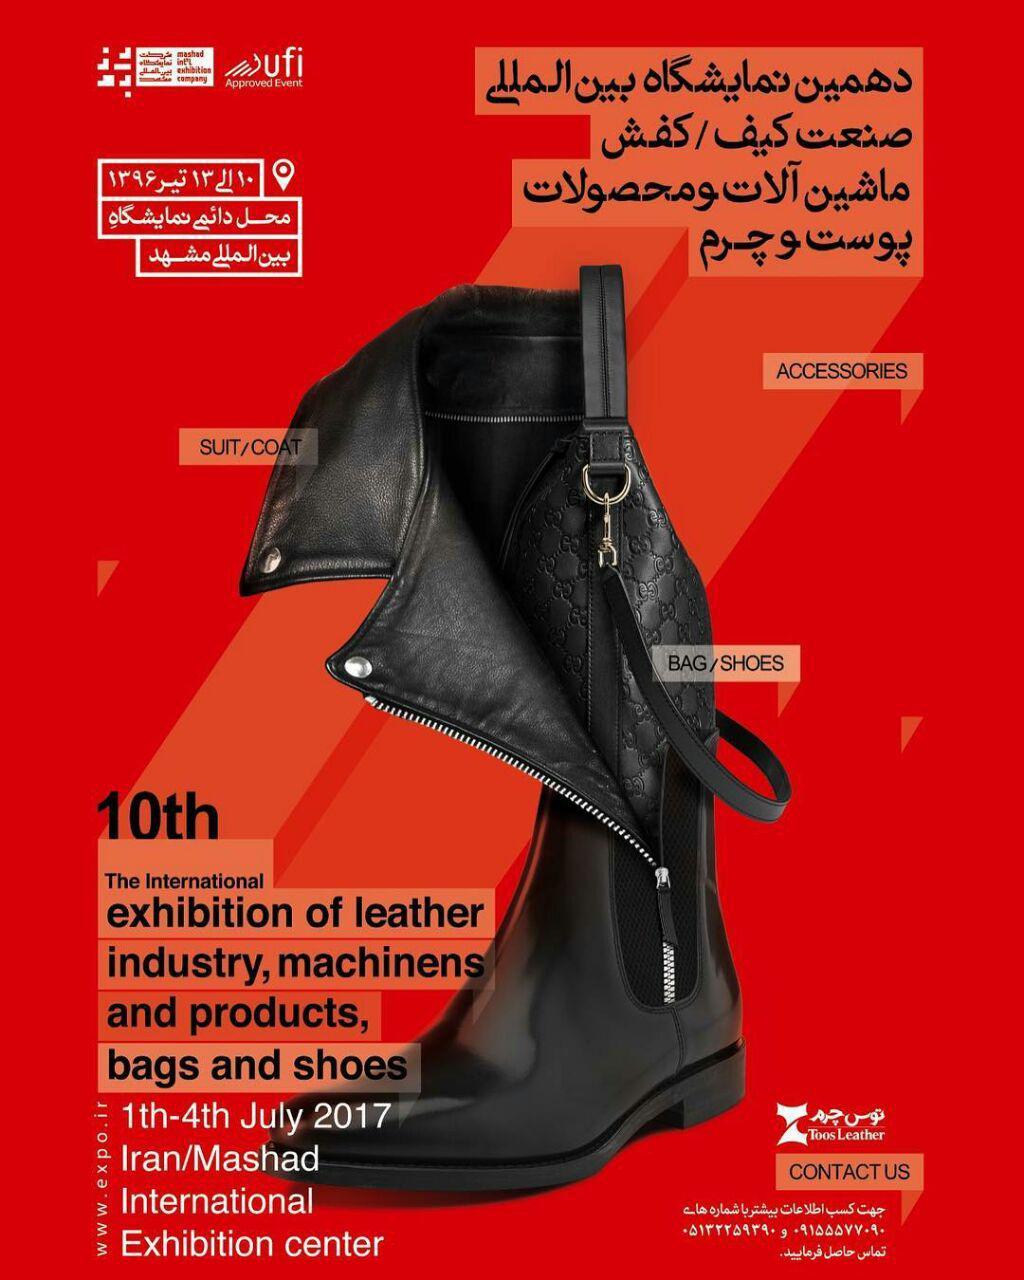 نمایشگاه بین المللی چرم مشهد